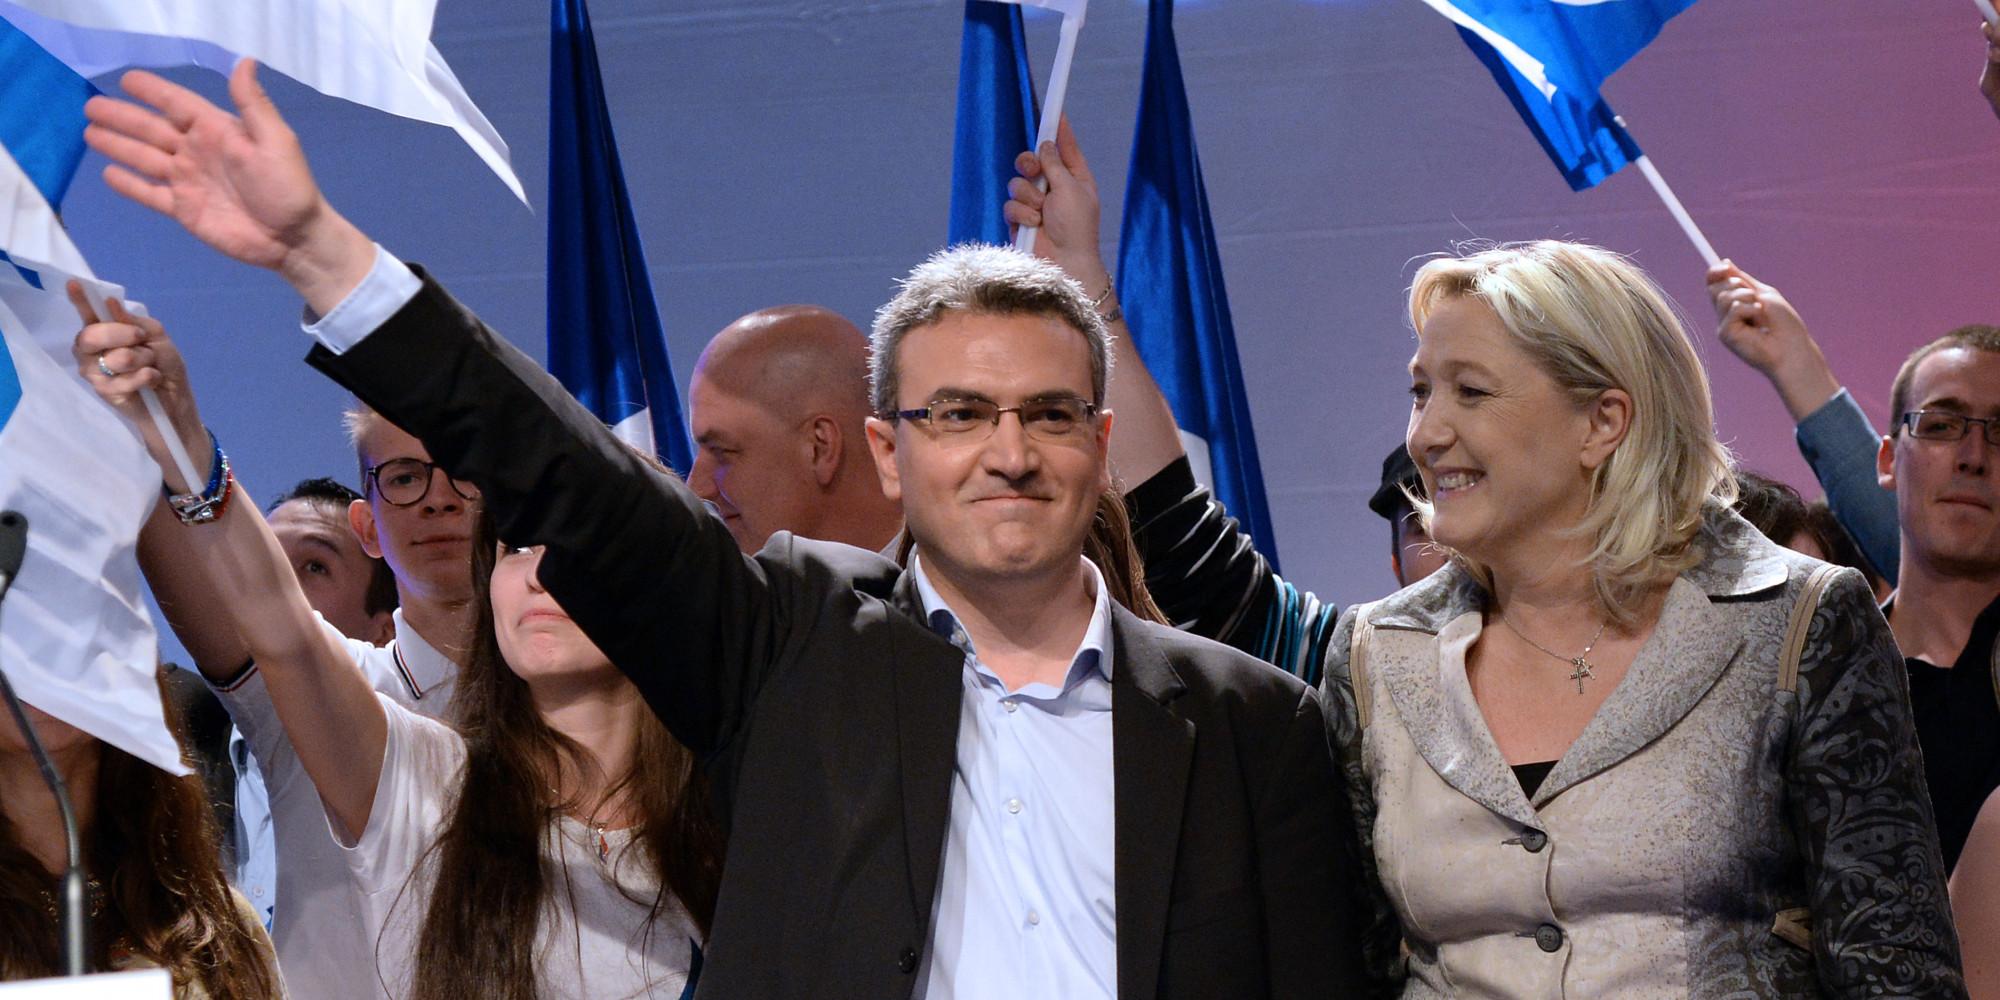 Le Pen choisira le pro-israélien Chauprade pour diriger le Quai d'Orsay